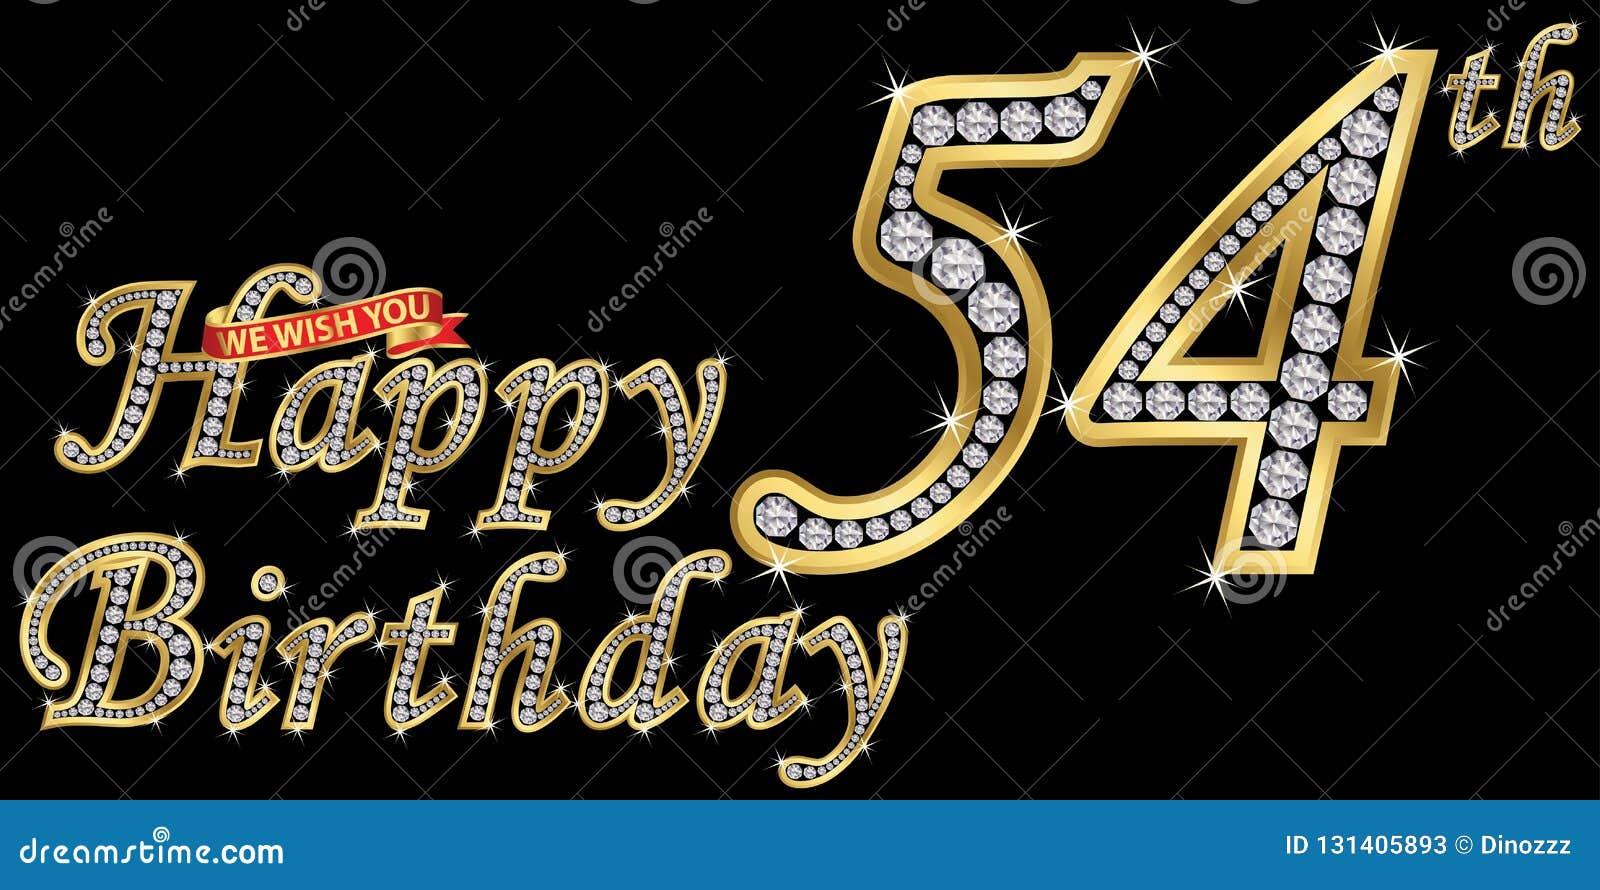 54 van het gelukkige verjaardags gouden jaar teken met diamanten, vectorillustratie